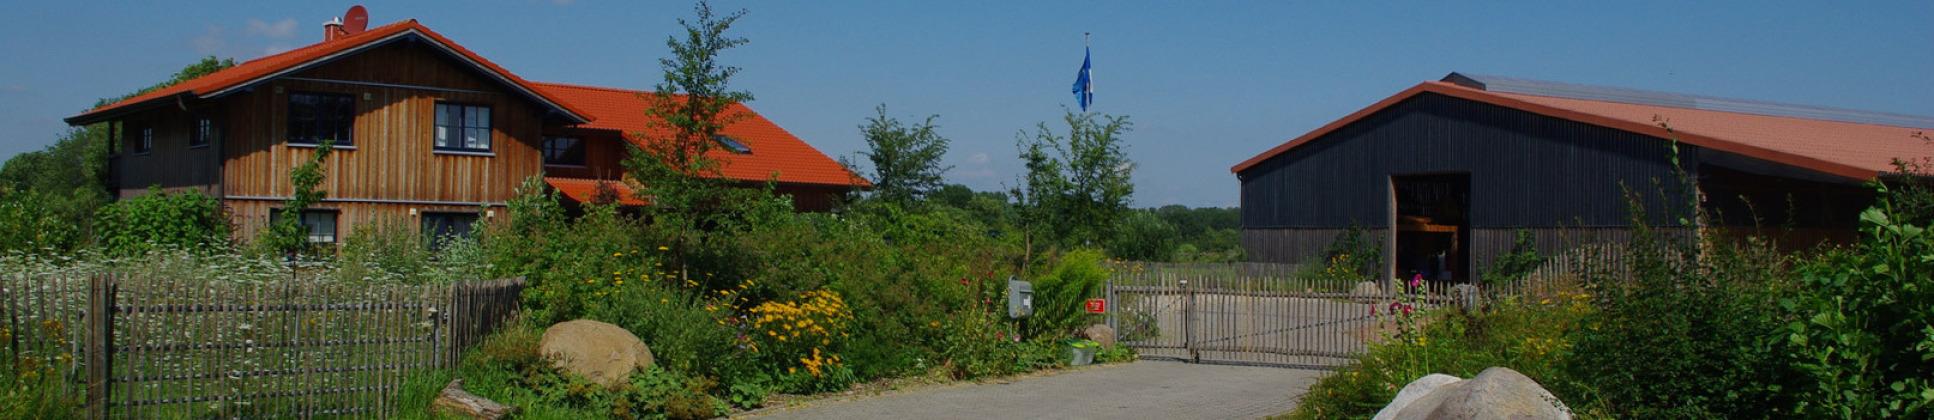 Alpaka Hof Wiedwisch